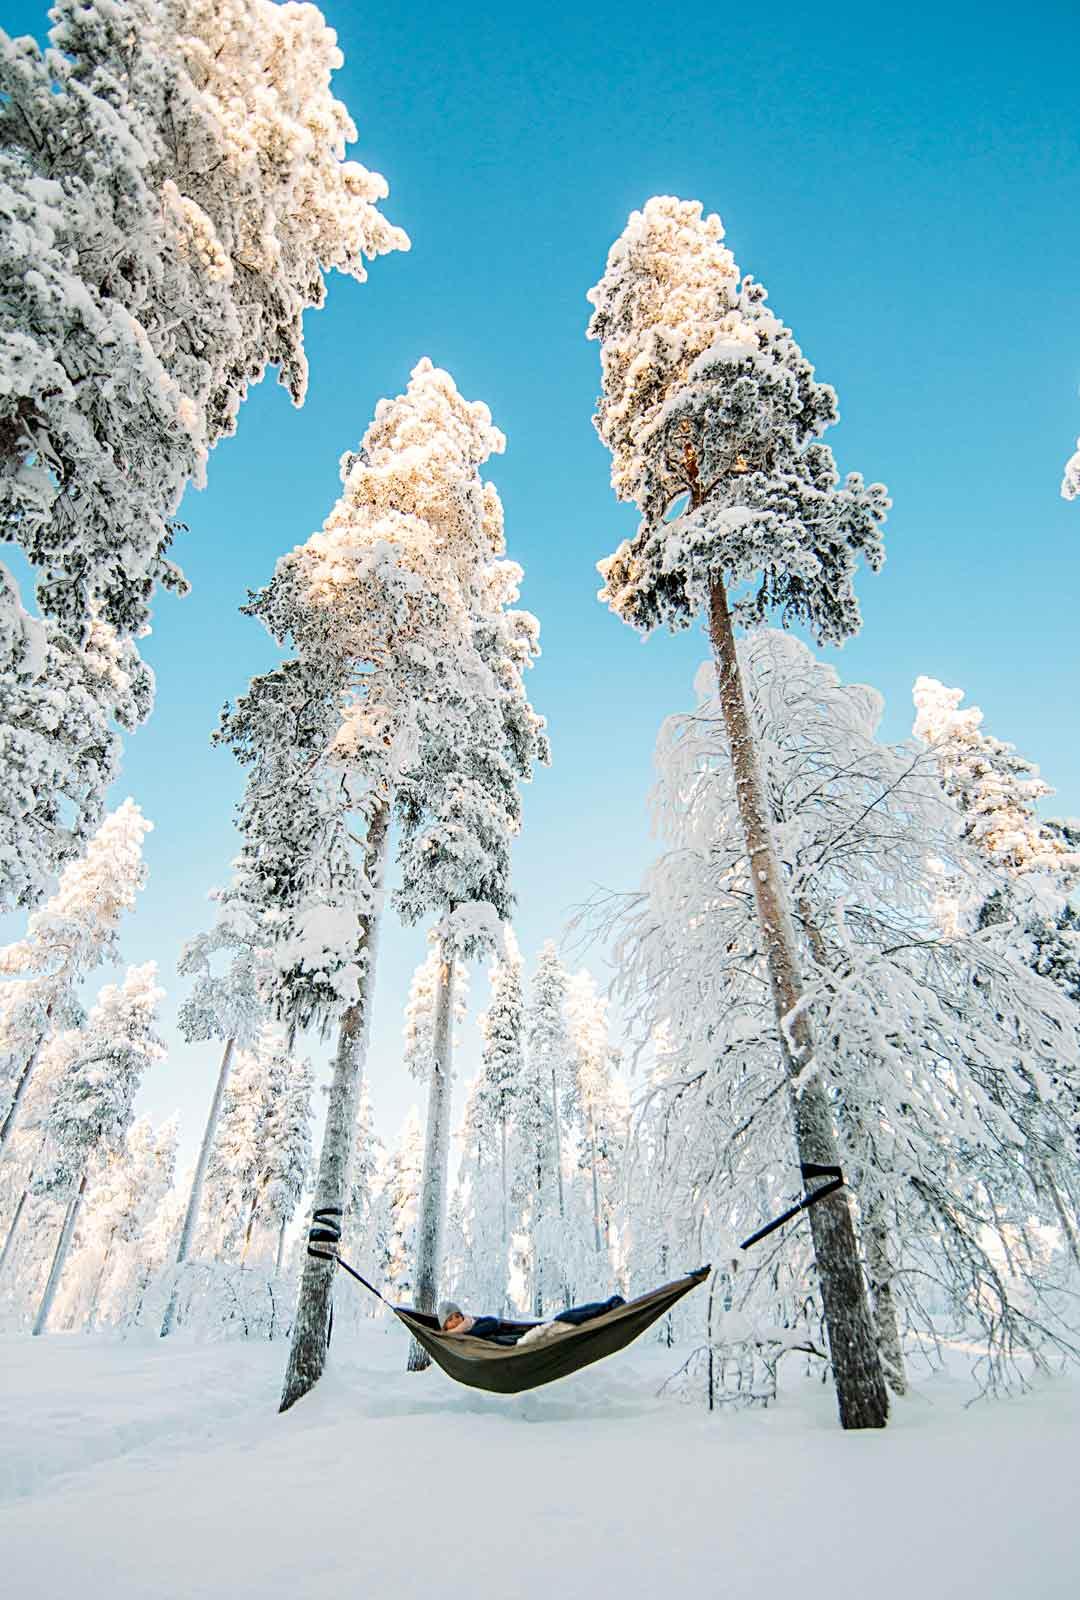 Entä jos menisi Levillä metsään vai olemaan ja lepäämään, ei suorittamaan? Se onnistuu vaikkapa riippumattorentoutuksen avulla.